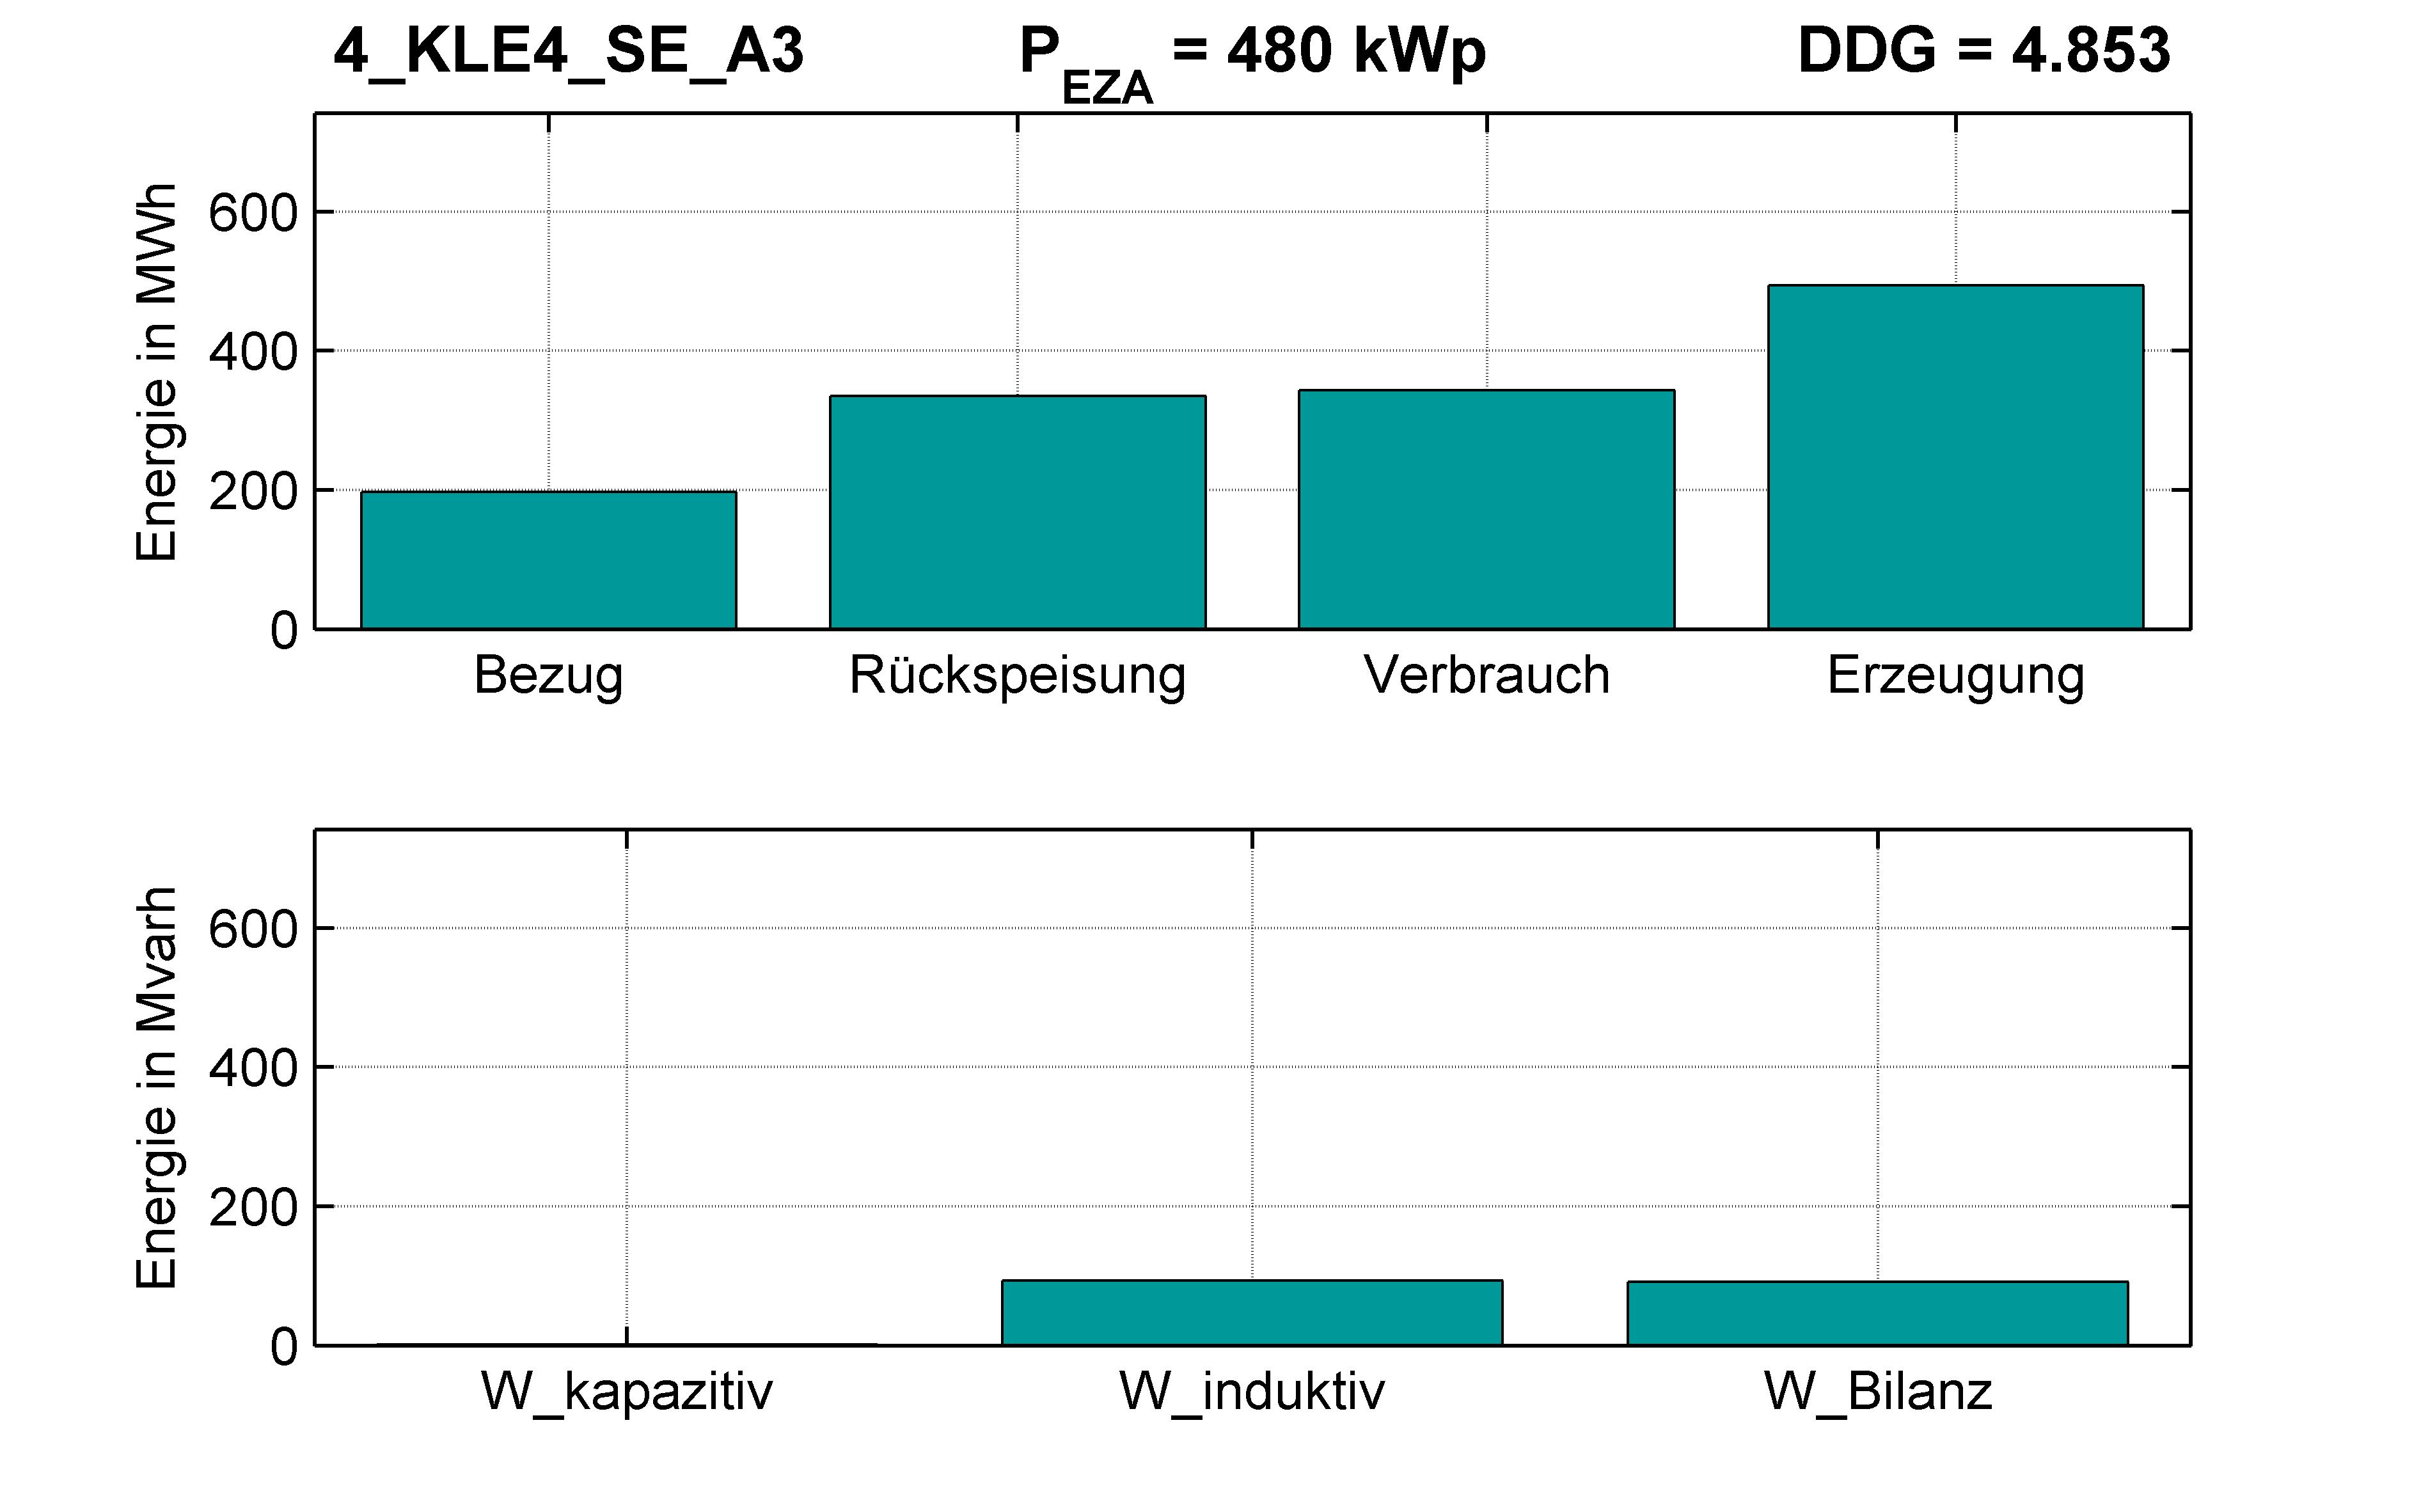 KLE4 | P-Kappung 55% (SE) A3 | PQ-Bilanz